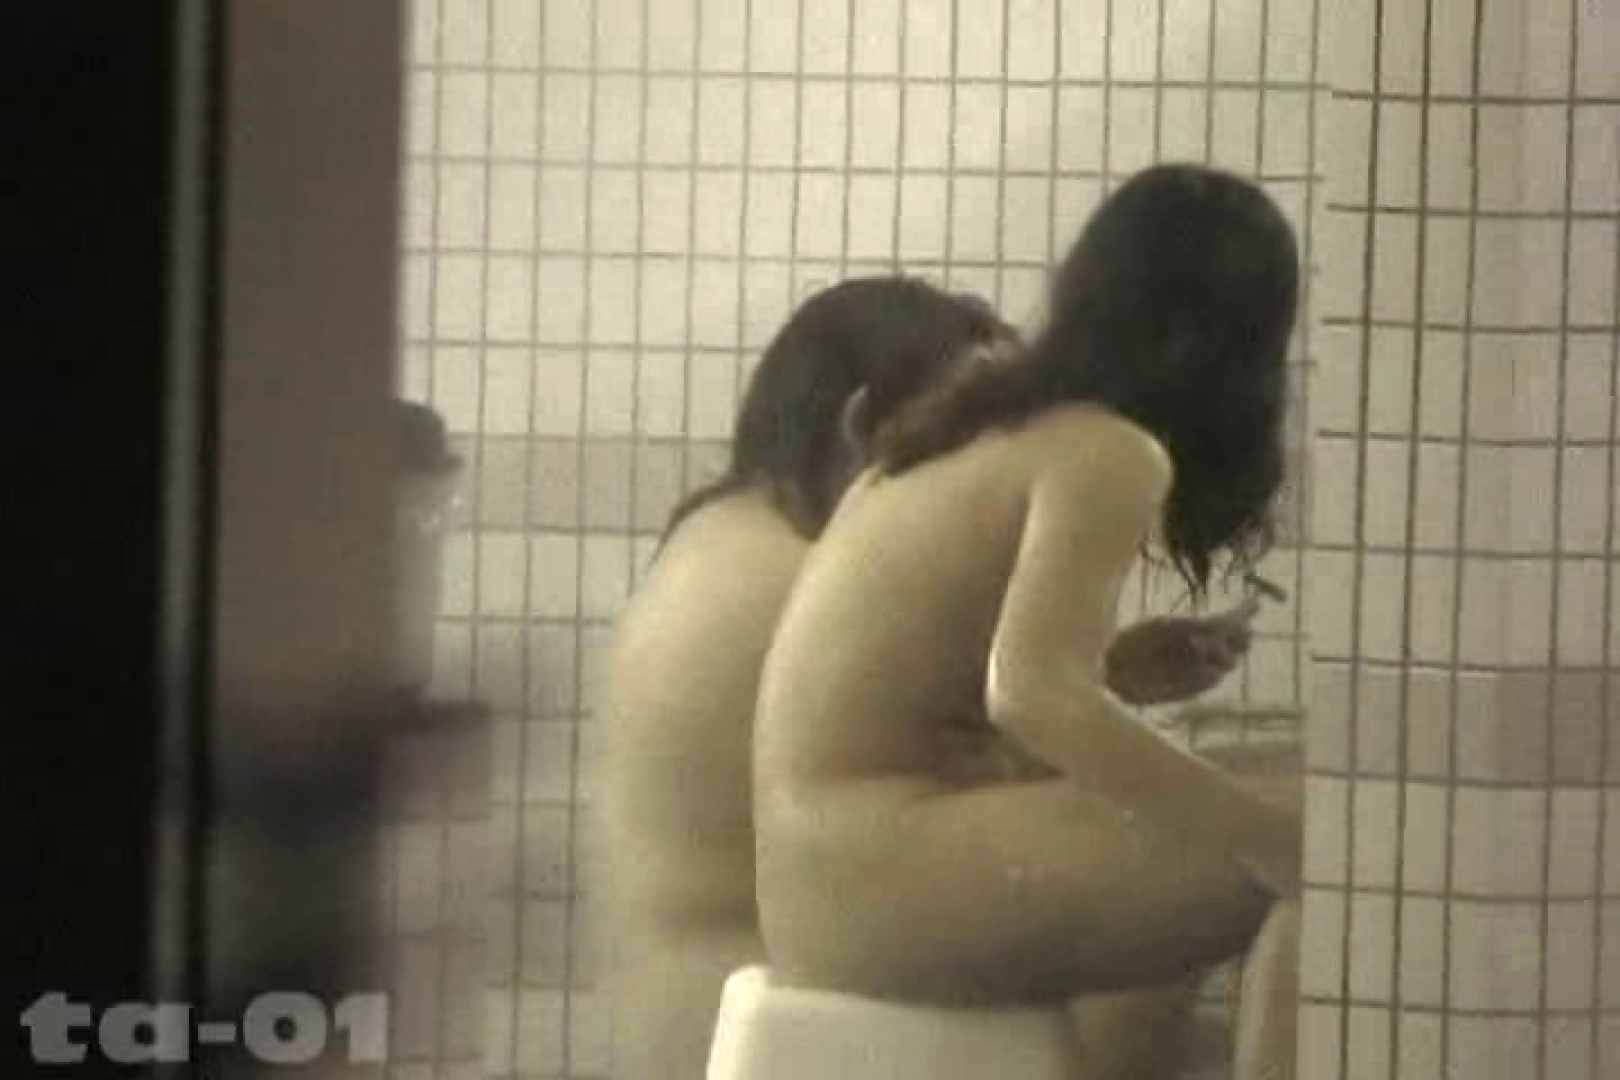 合宿ホテル女風呂盗撮高画質版 Vol.01 女風呂  91pic 48